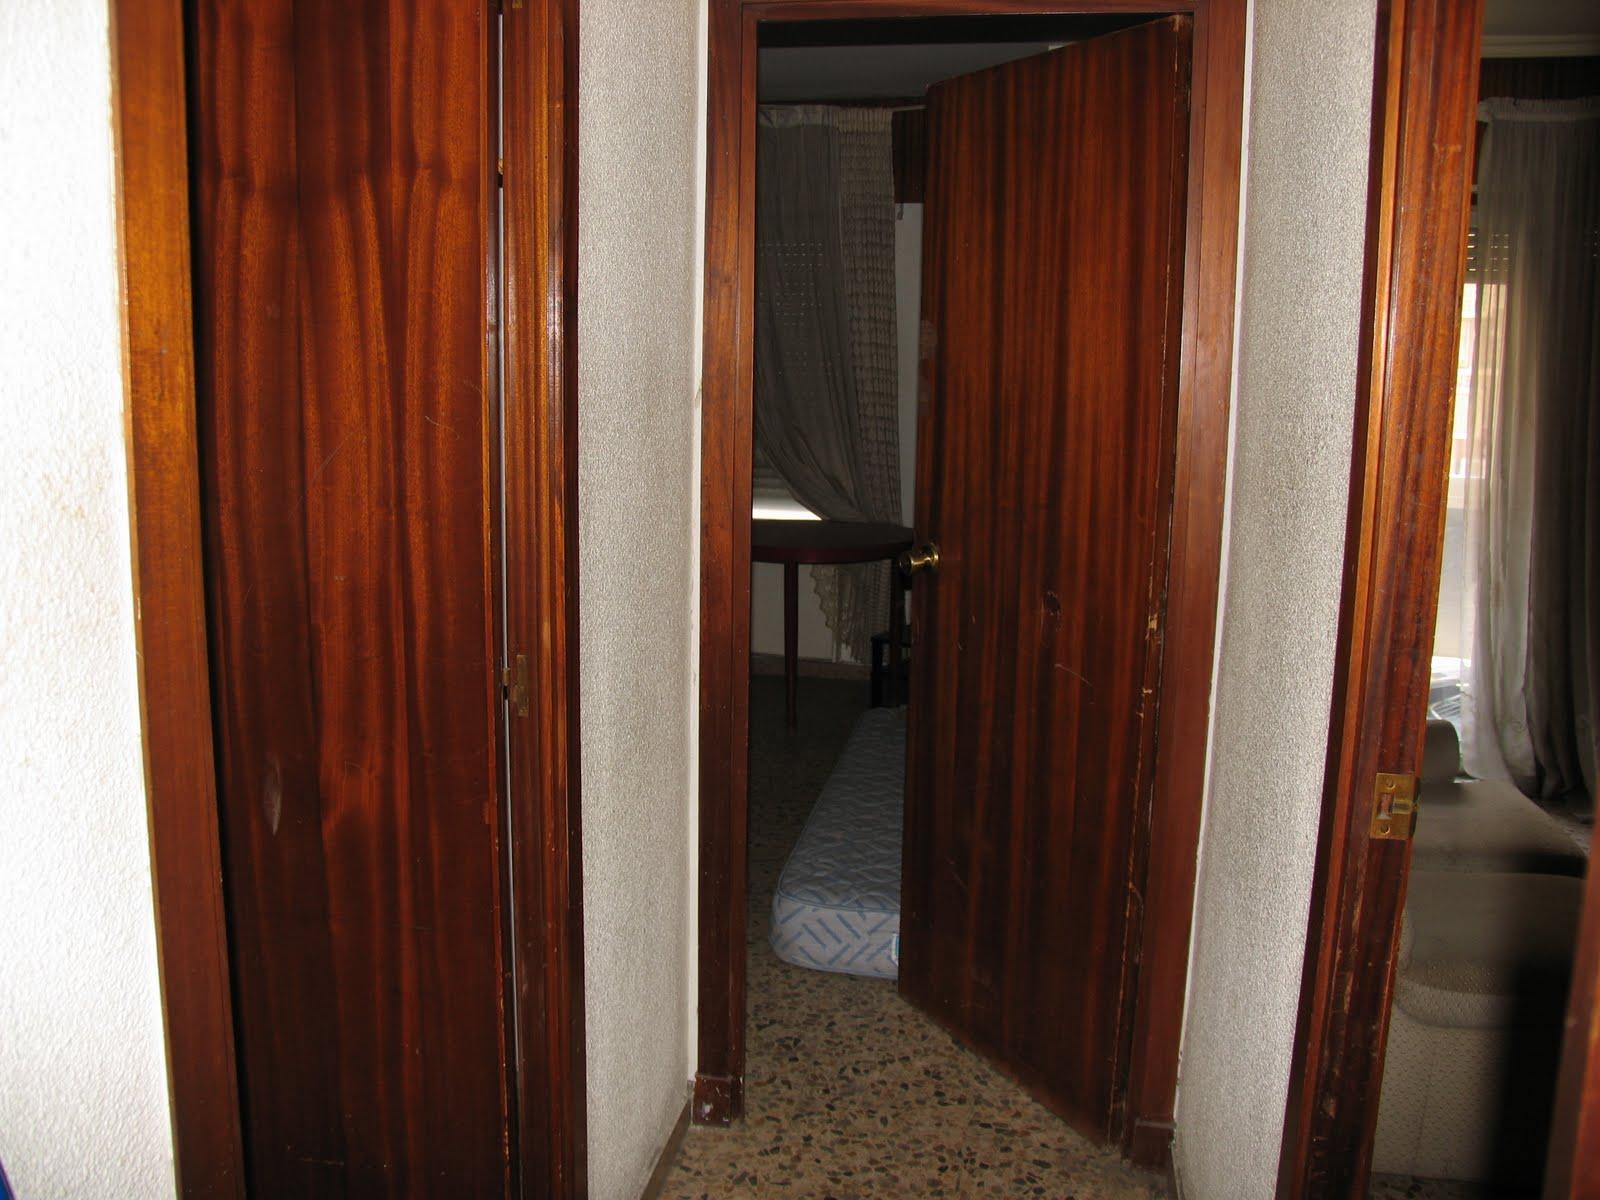 Esp ritu chamarilero lacar puertas en blanco y cambiar for Pintar puertas en blanco paso a paso